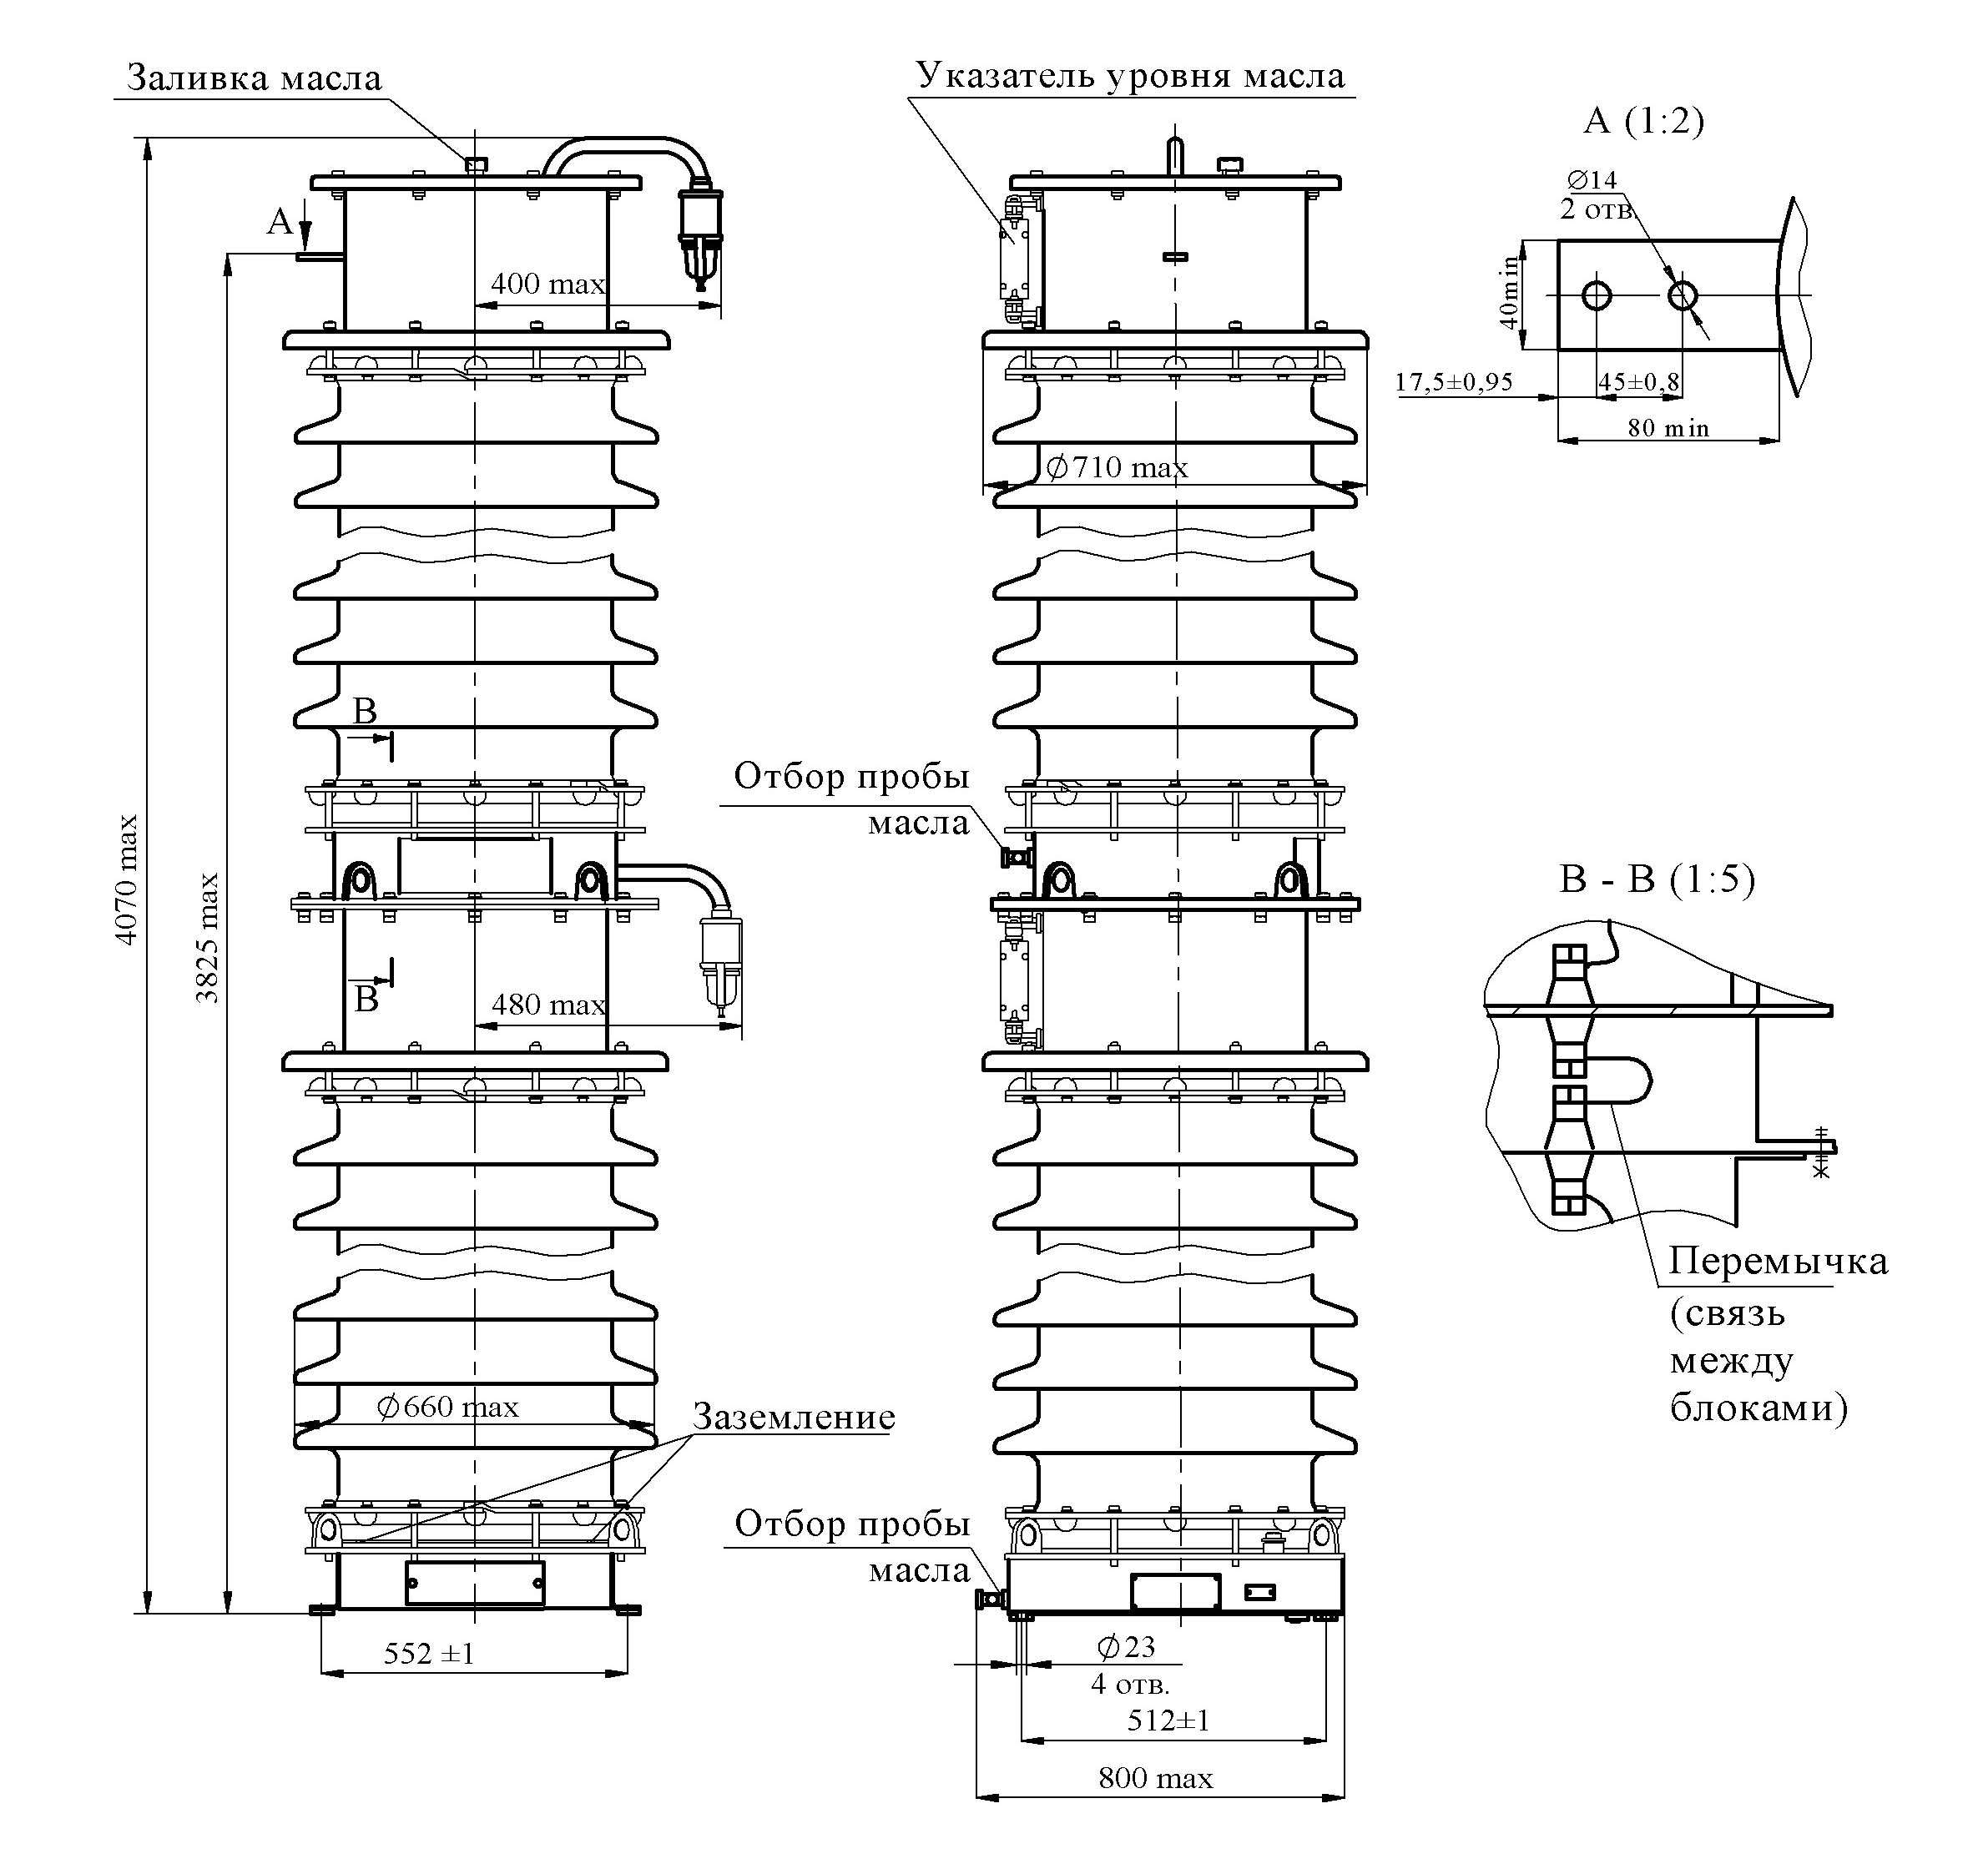 Трансформатор напряжения НКФ – 220 II Т1 (экспорт, класс точности 0,2)